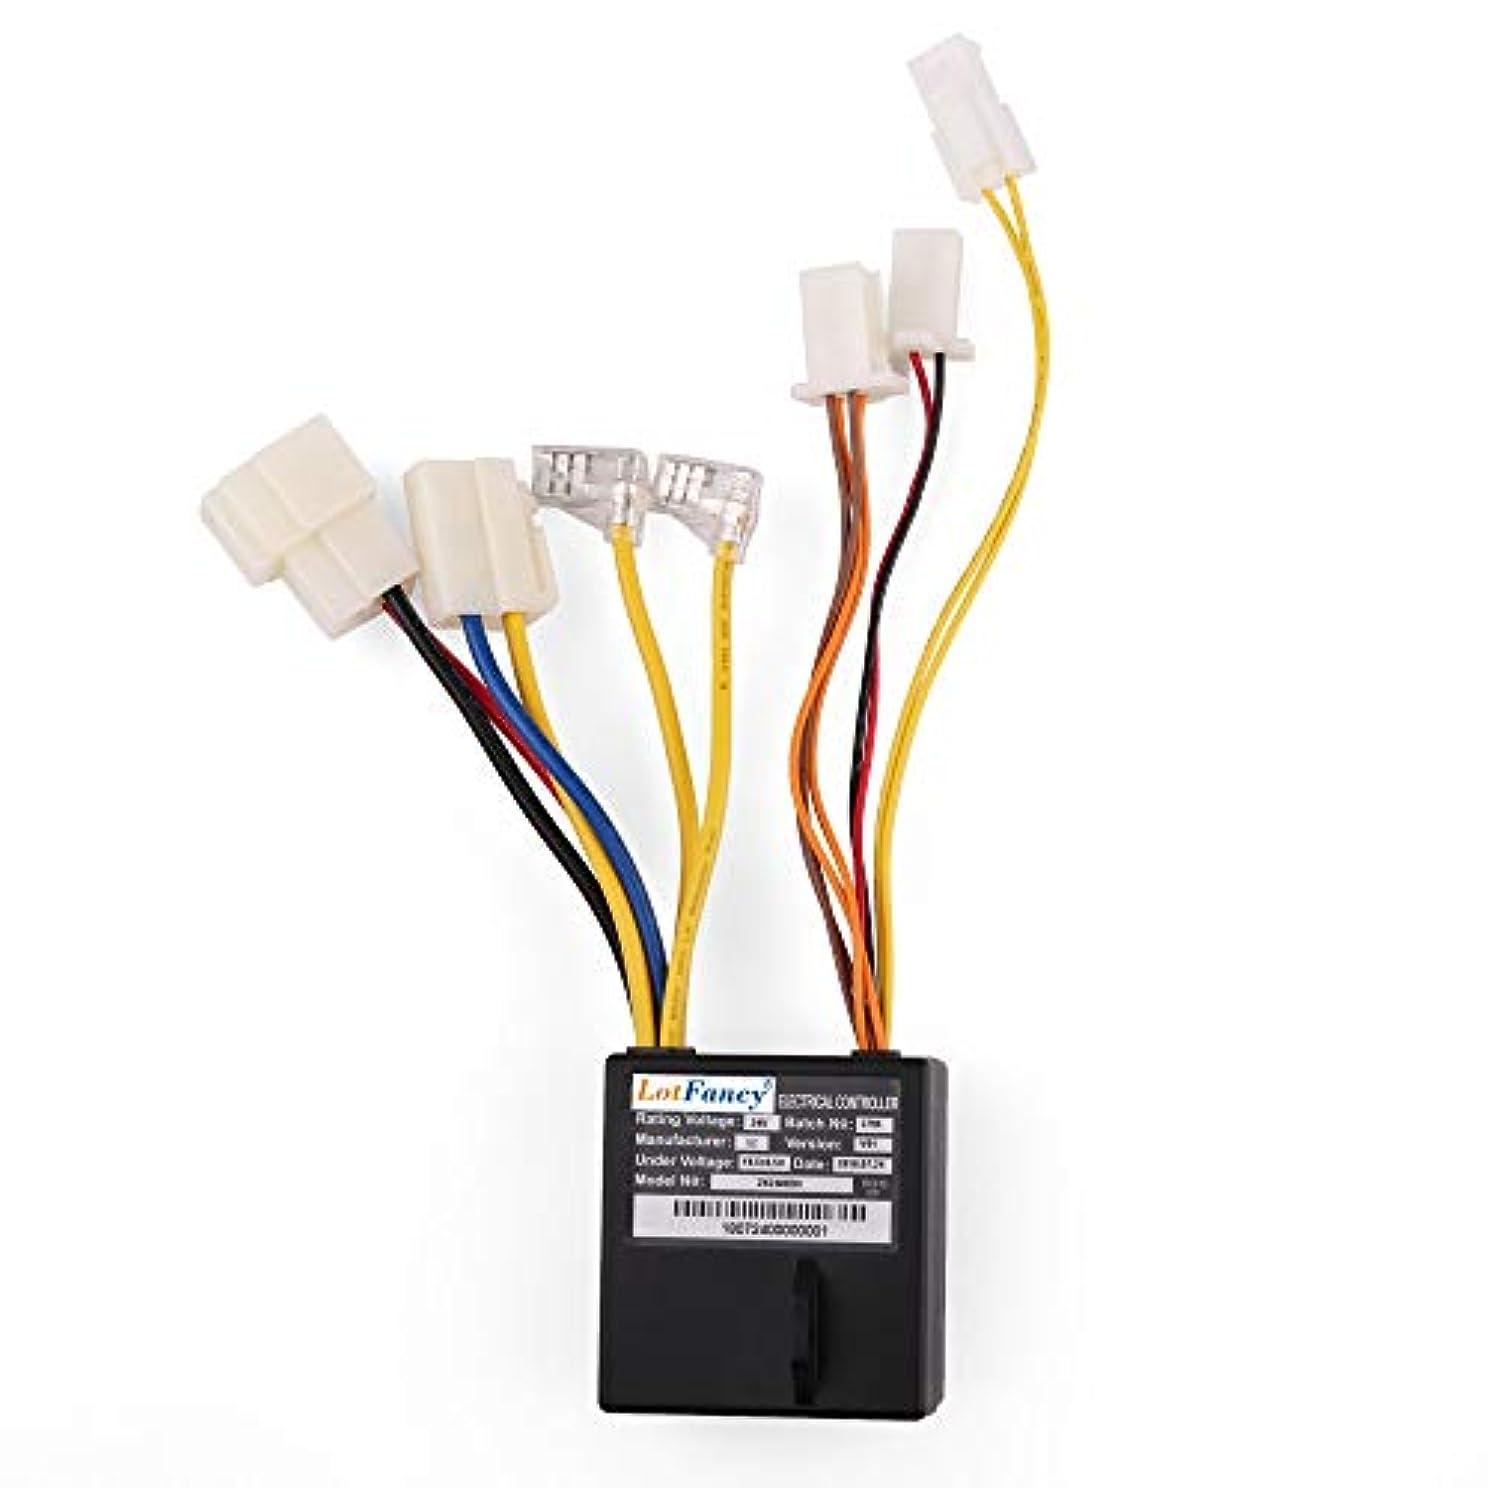 リラックス妖精代わってLotFancy zk2400-DH、スクーターコントローラ:かみそり電力コアE100電動スクーター7つのコネクタ、モデル番号と24Vコントローラ